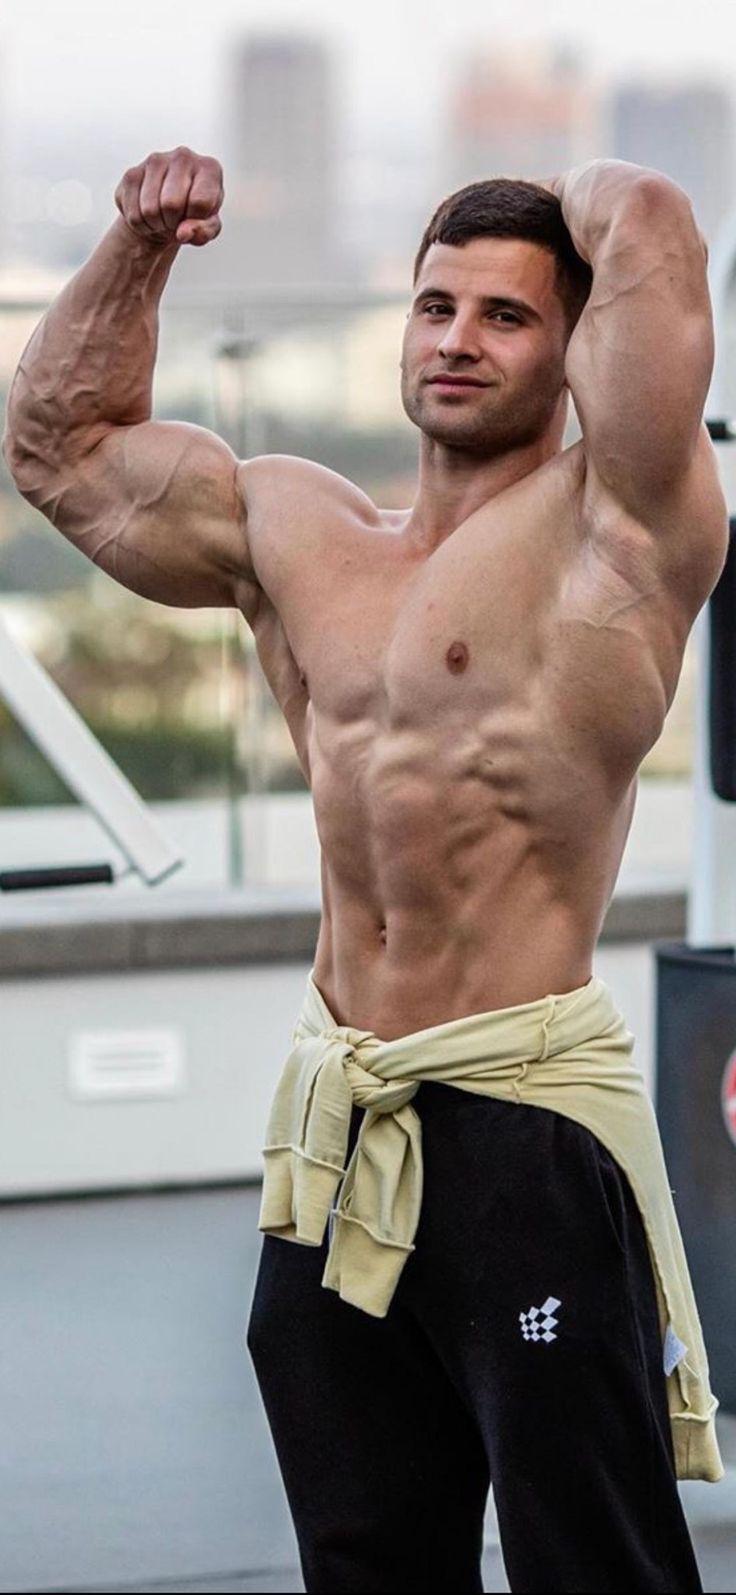 Pin on Handsome Shirtless Gay Men